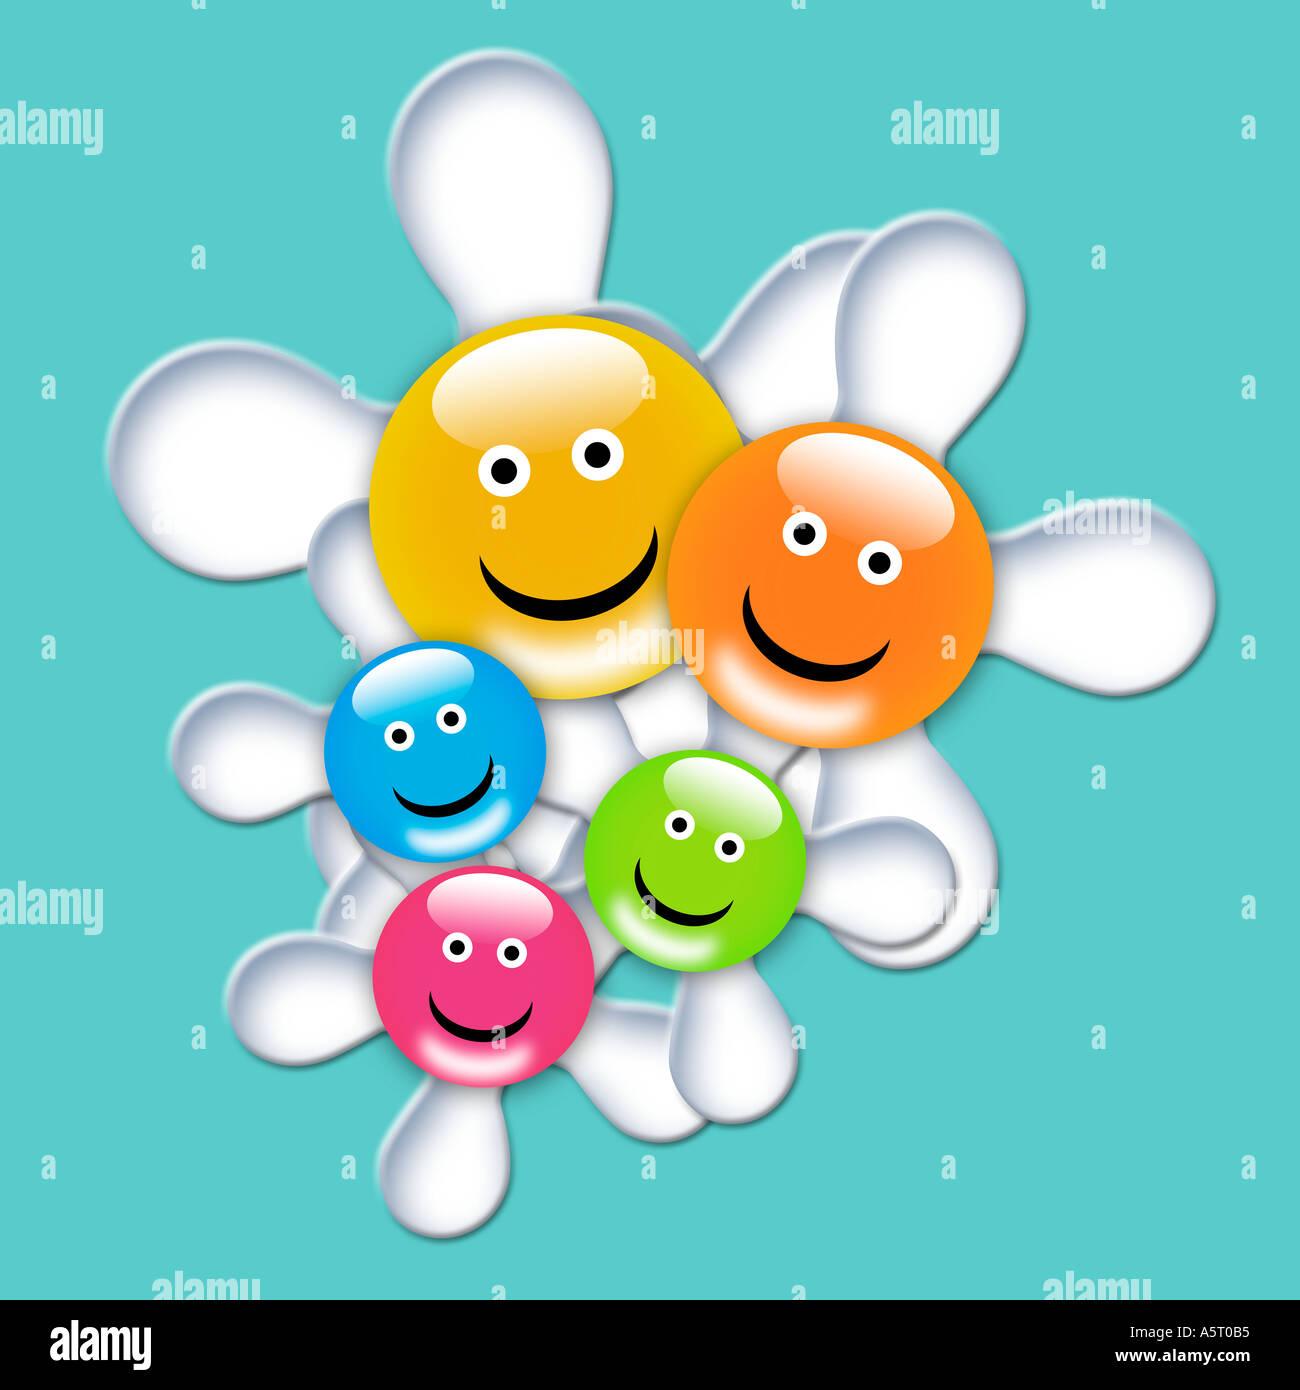 Smile fiori illustrazioni per bambini Immagini Stock